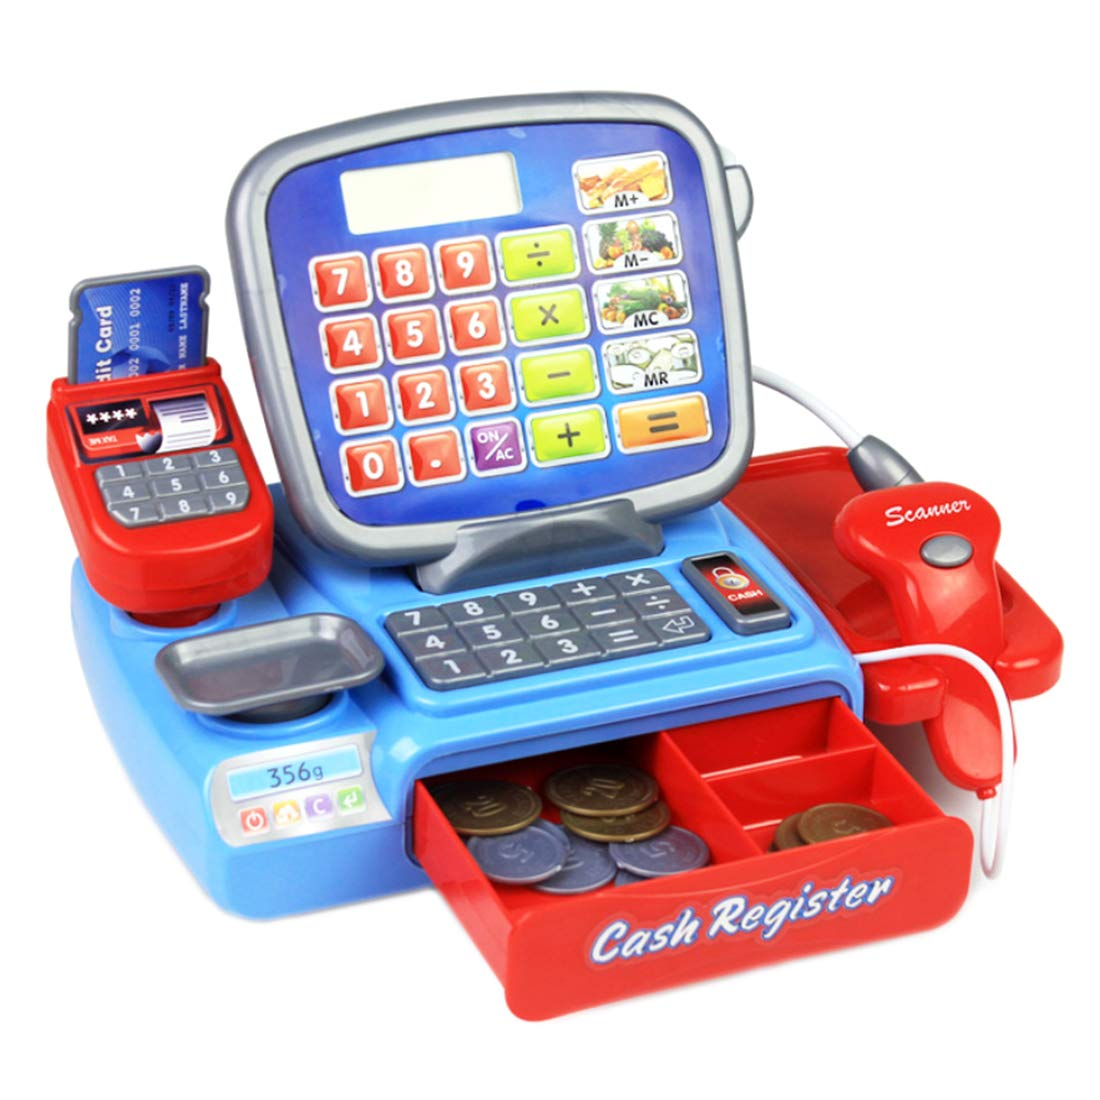 Foxom Caja Registradora Juguetes, Supermercado Electrónica Cajero con Calculadora,Escáner, Juego de rol para Niños: Amazon.es: Juguetes y juegos